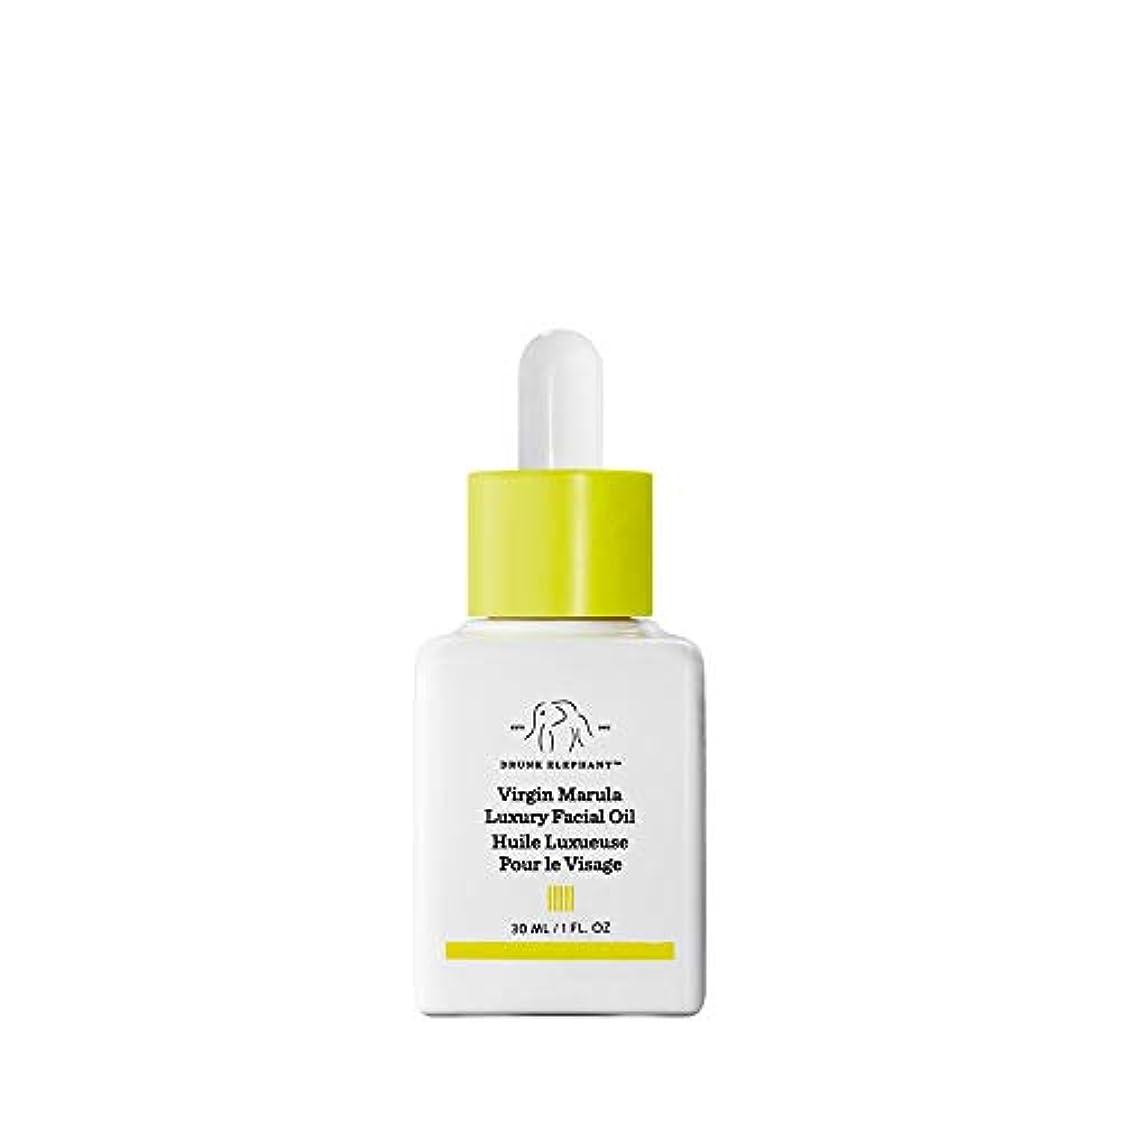 粘土酸虚栄心DRUNK ELEPHANT Virgin Marula Luxury Facial Oil 1 oz/ 30 ml ドランクエレファント バージンマルラ ラグジュアリー フェイシャルオイル1 oz/ 30 ml